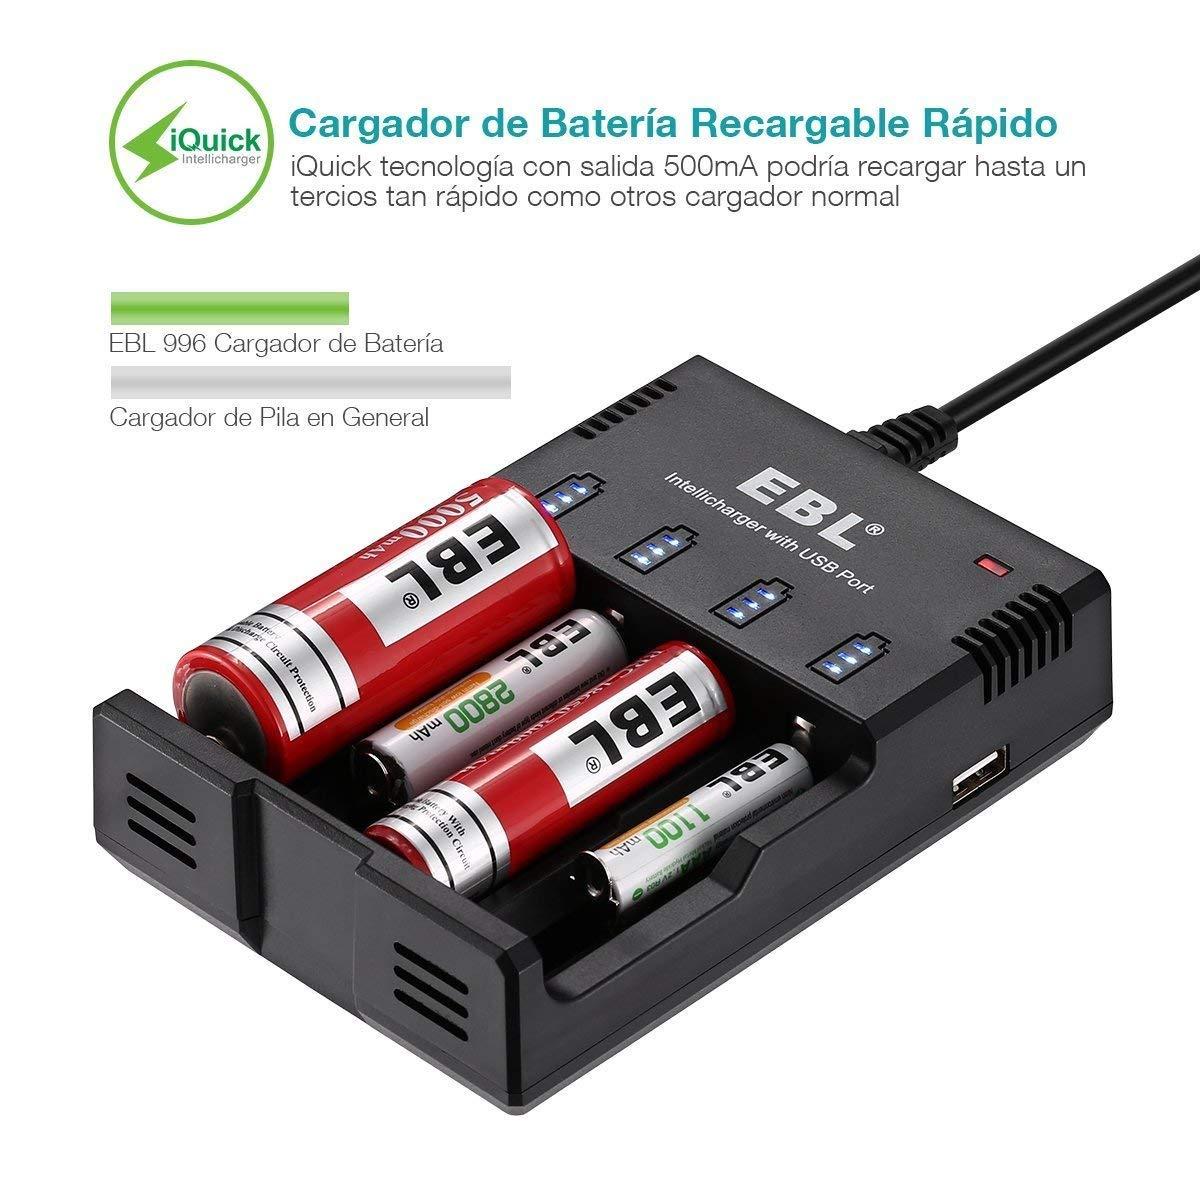 EBL 996 Cargador de Baterías con USB Puerto para Cargar Inteligente 1-4 AA, AAA, Ni-MH Ni-CD y Pila Recargable Li-Ion: 18650, 25560, 22650, 17670, ...